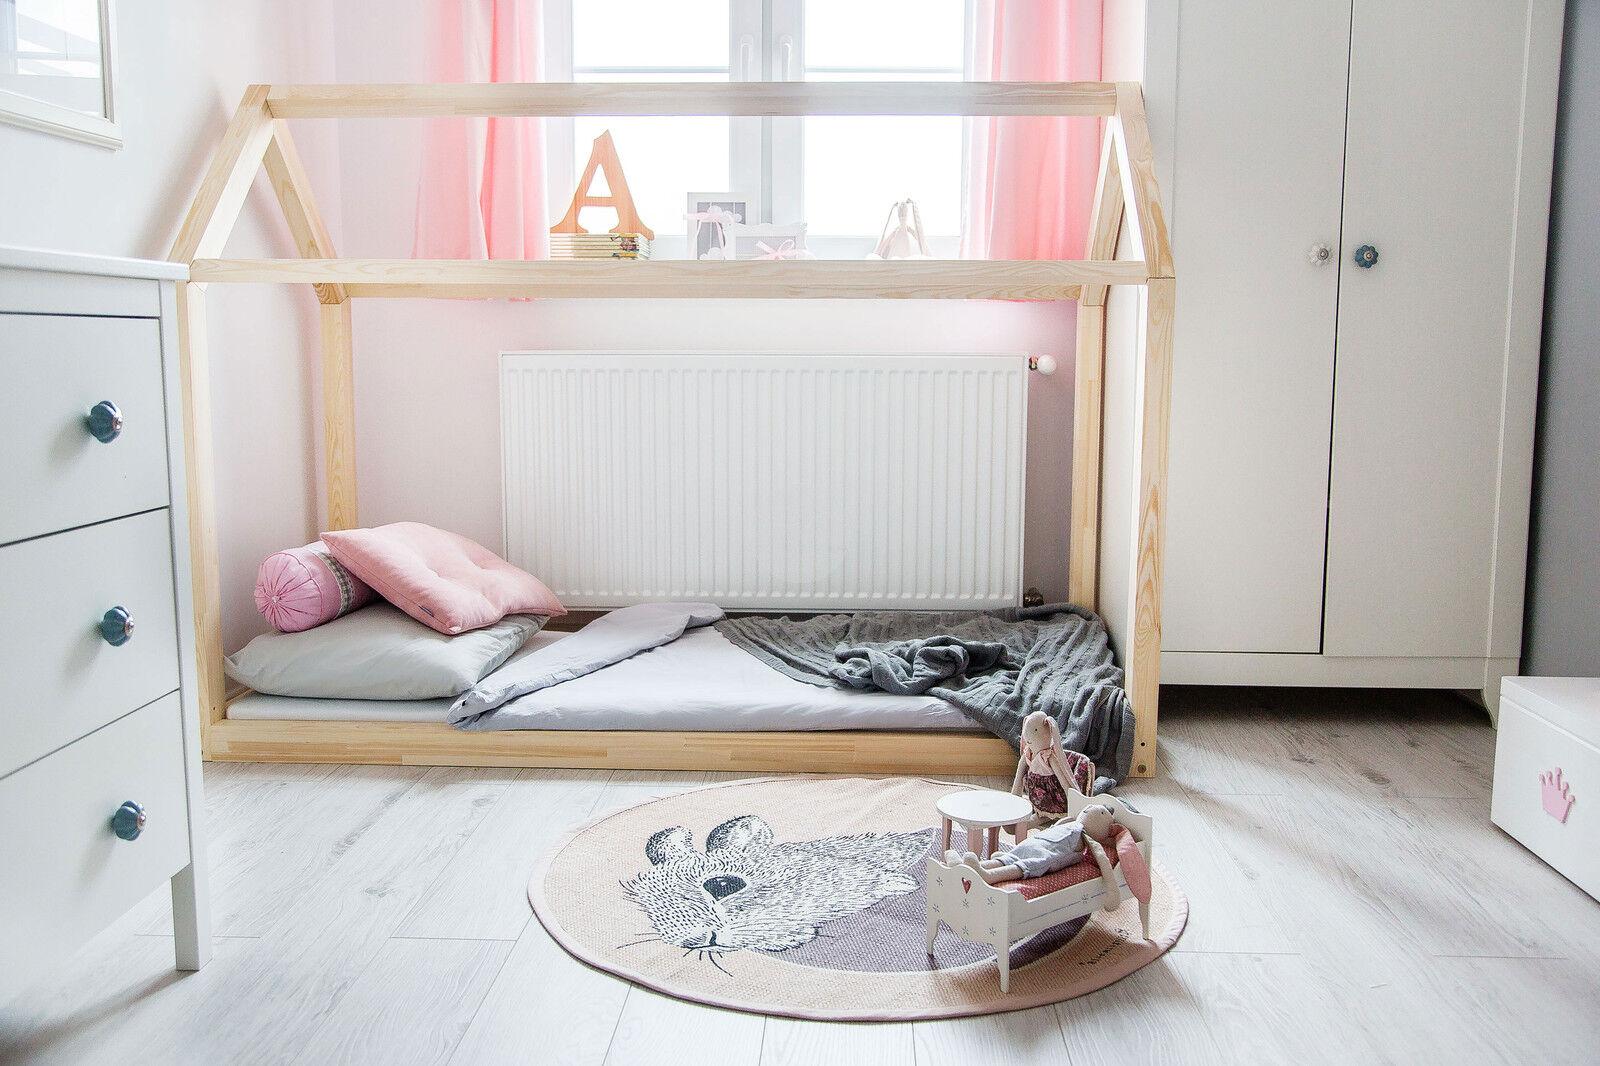 Lit enfant-Maison en bois Lit pour enfants Talo d2 120x200 cm